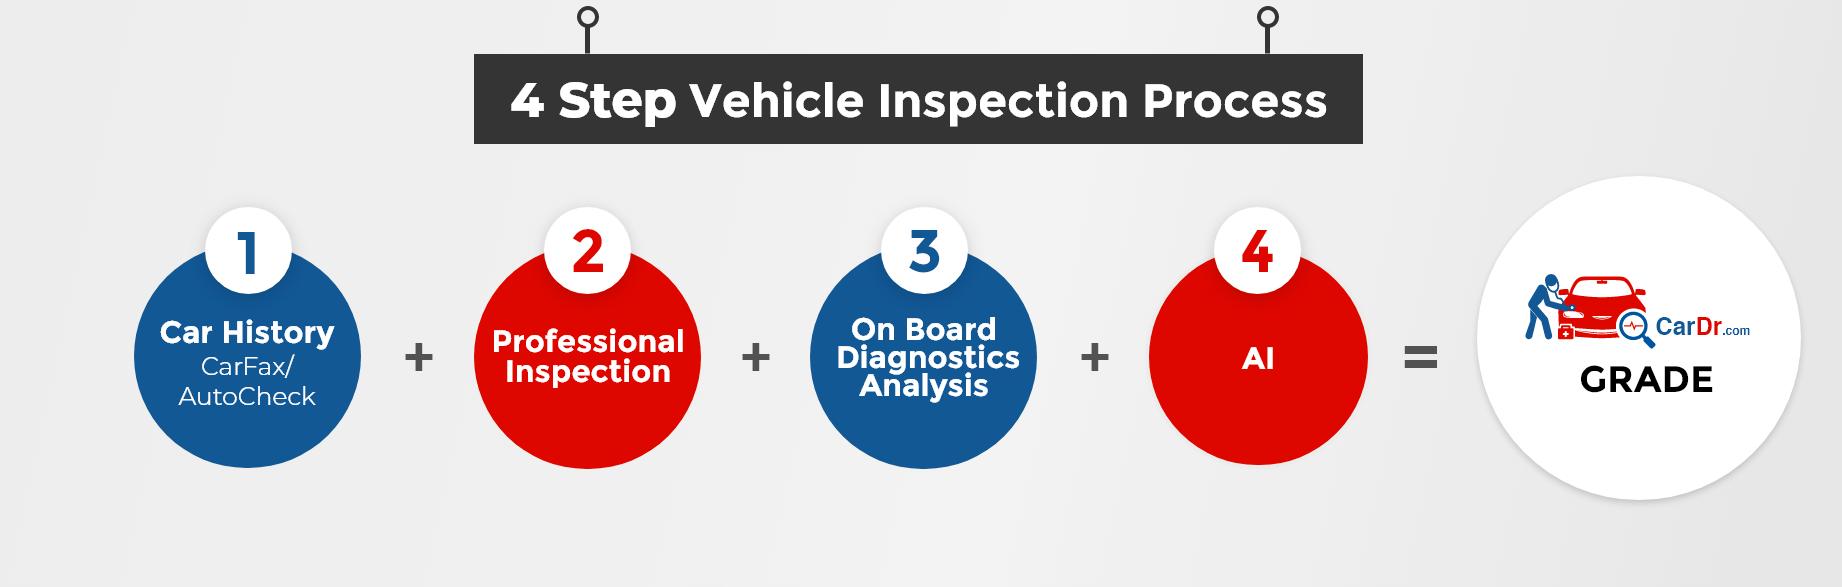 CarDr.com Used Car Inspection Steps